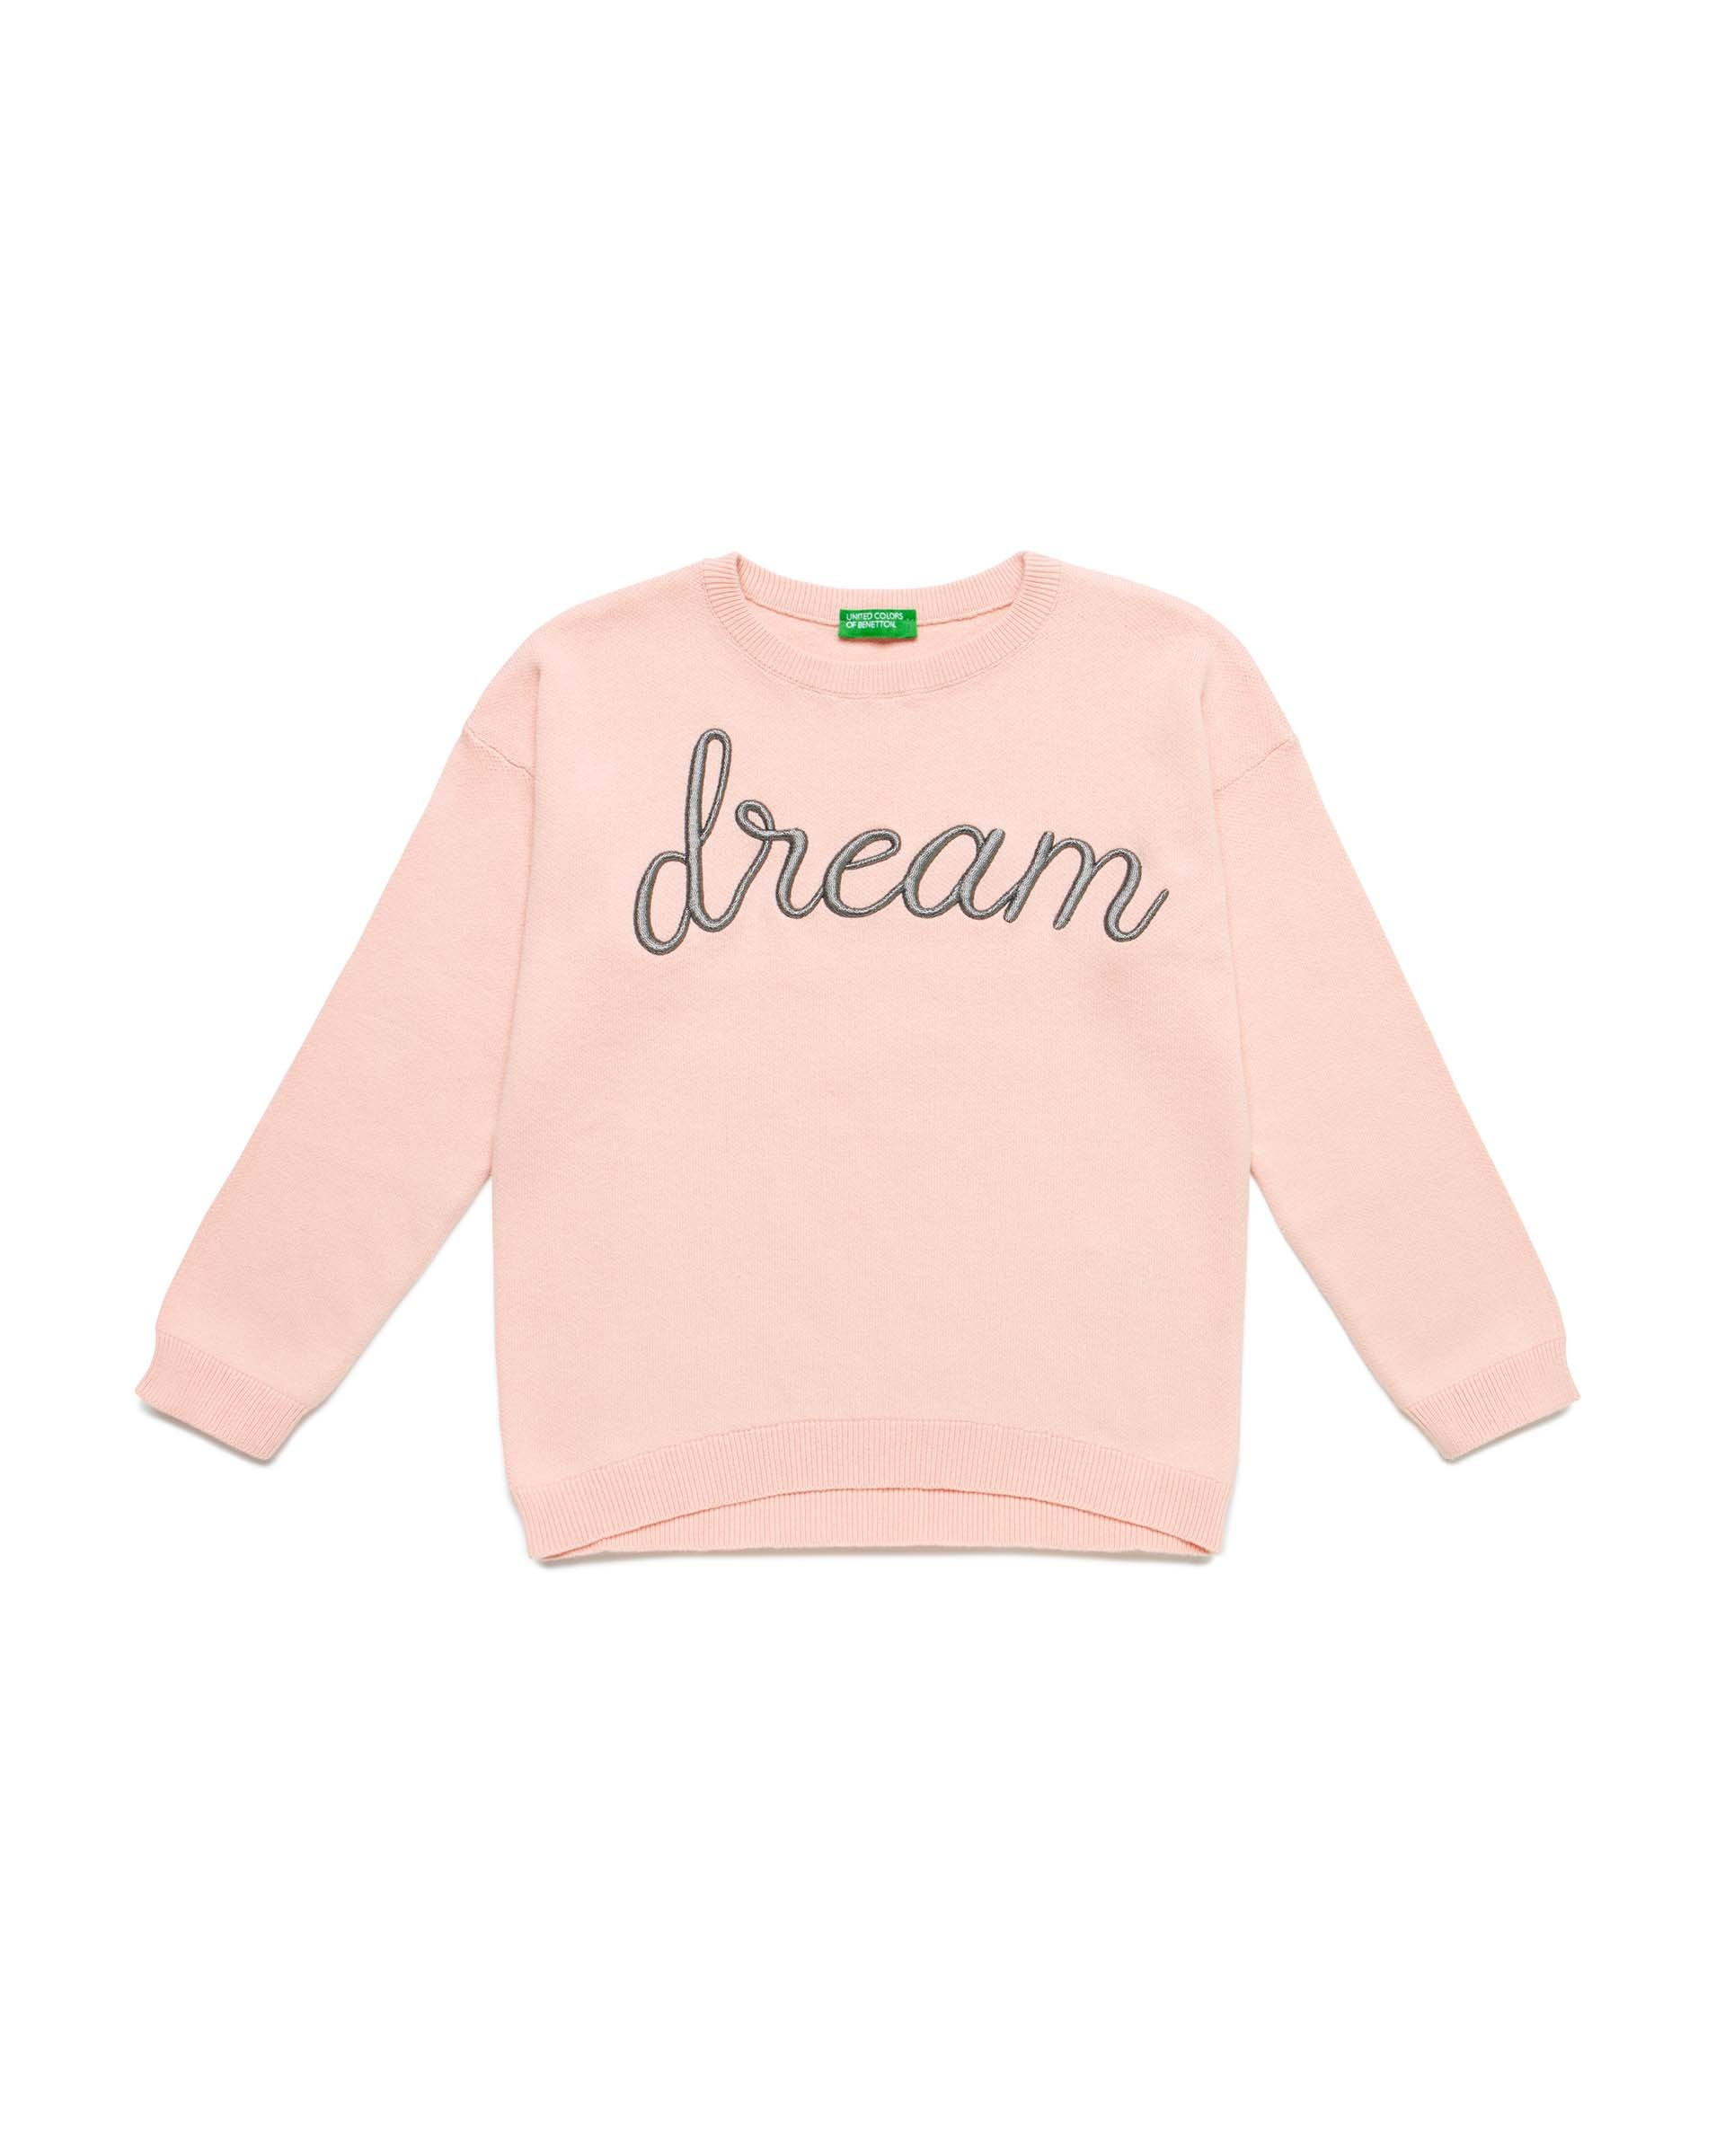 Купить 20P_10C1C1895_930, Джемпер для девочек Benetton 10C1C1895_930 р-р 104, United Colors of Benetton, Джемперы для девочек